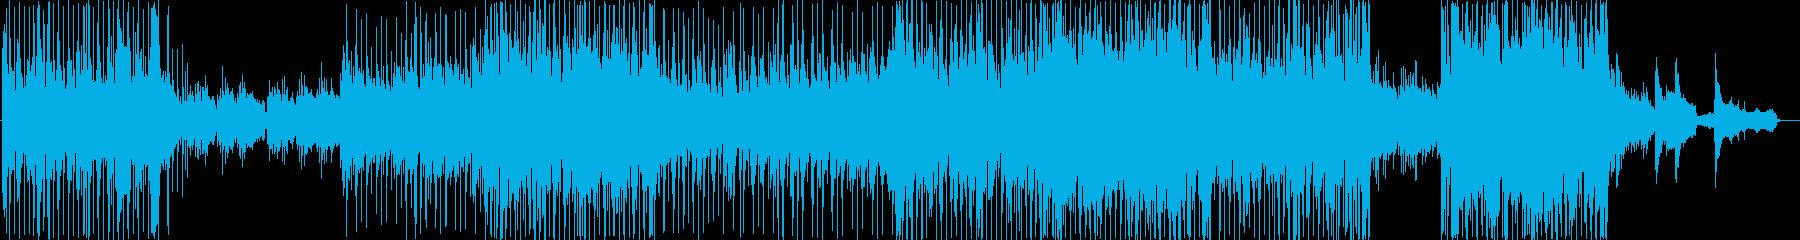 日本的な旋律のポップバラードの再生済みの波形